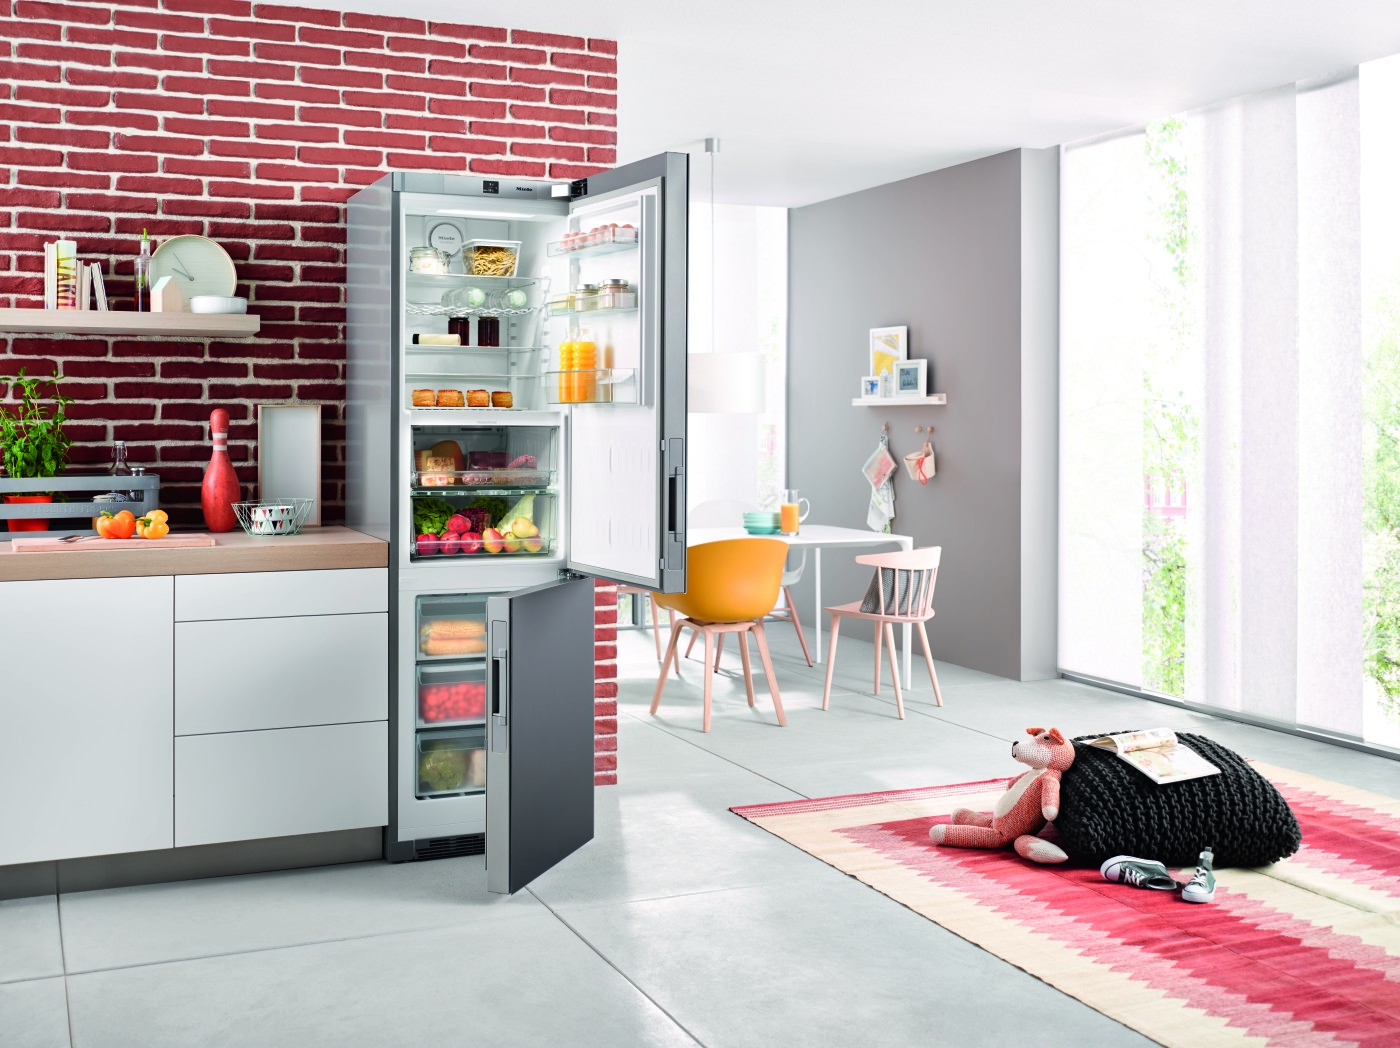 Pour des appareils de cuisine toujours au top 2me for Appareils de cuisine